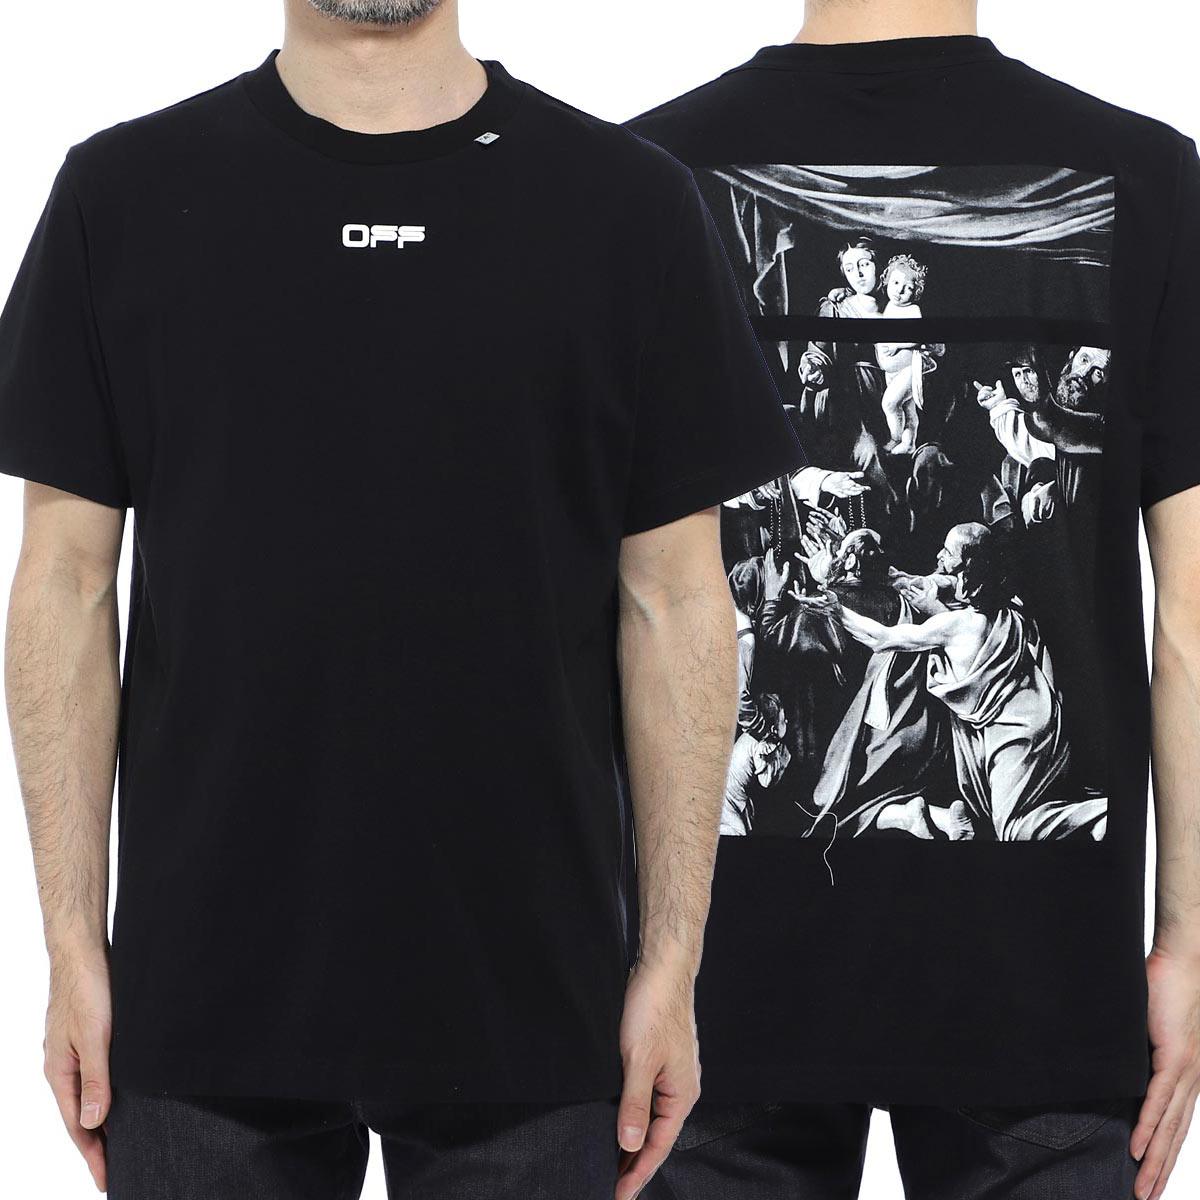 オフホワイト Off-White クルーネックTシャツ ブラック メンズ omaa027s20185005 1088 CARAVAGGIO SQUARE S/S SLIM TEE【あす楽対応_関東】【返品送料無料】【ラッピング無料】